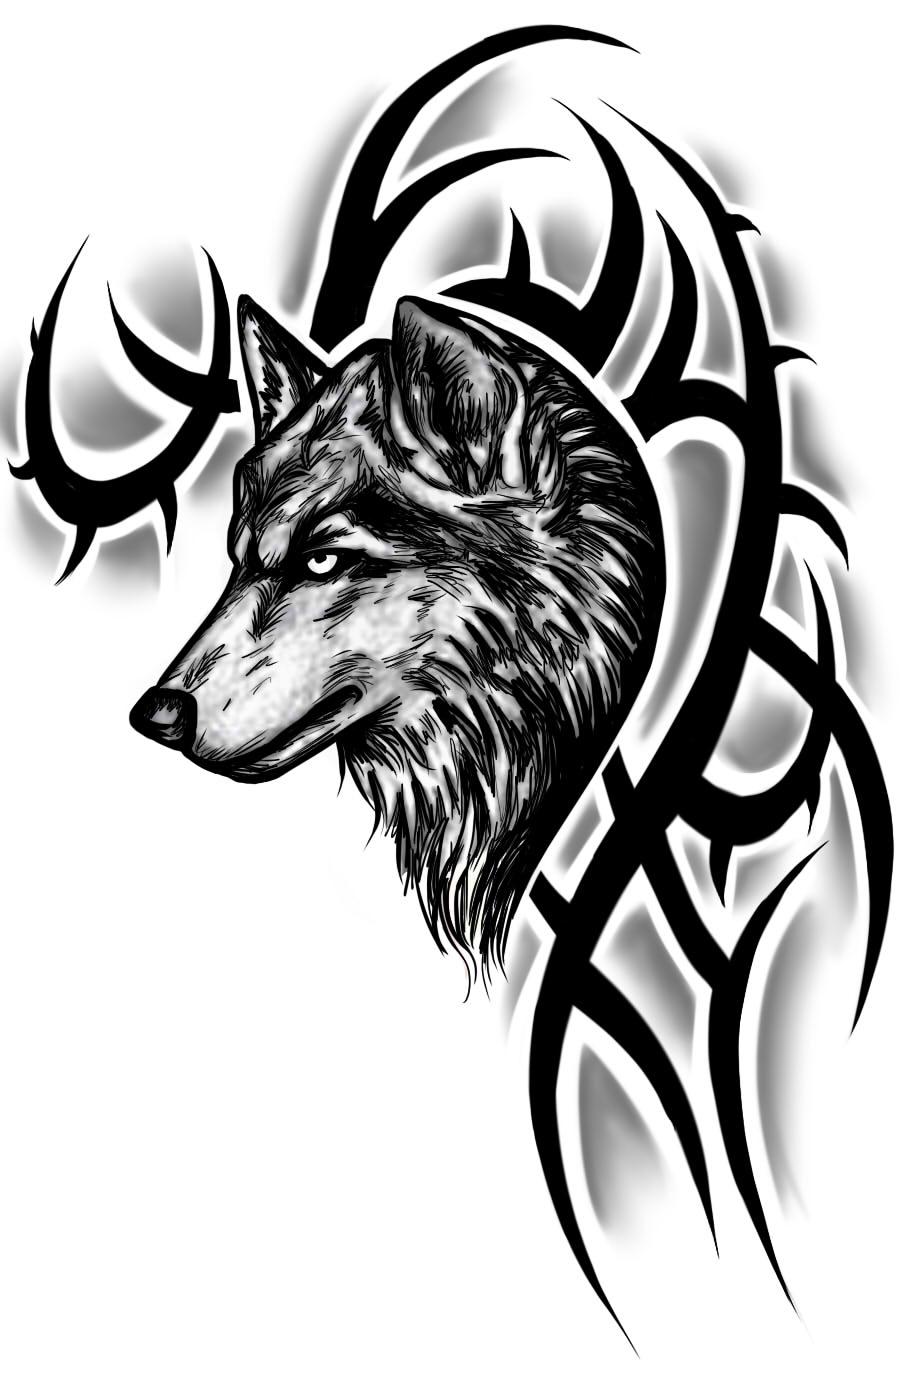 Tribal wolf tattoo design by instilledphear